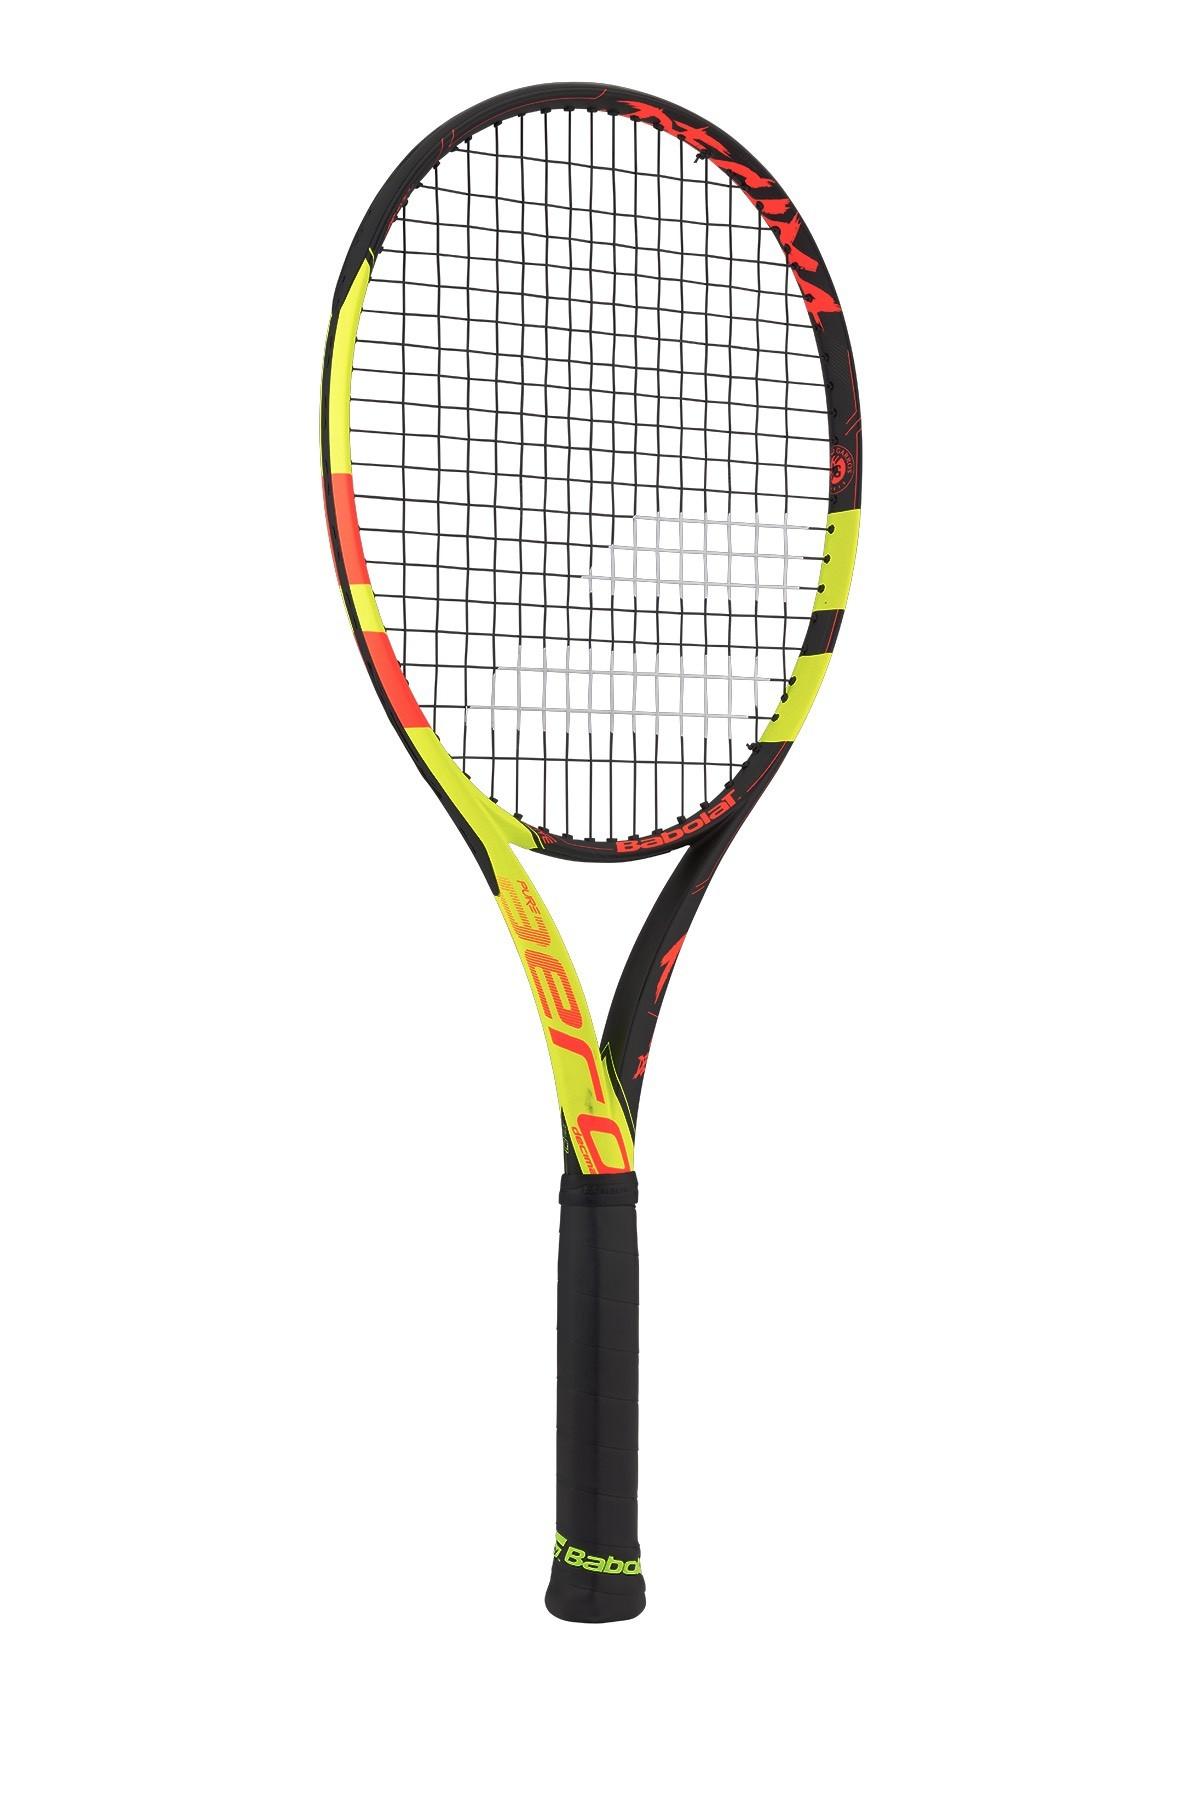 Rakieta tenisowa Babolat Pure Aero Lite Decima + prezenty!